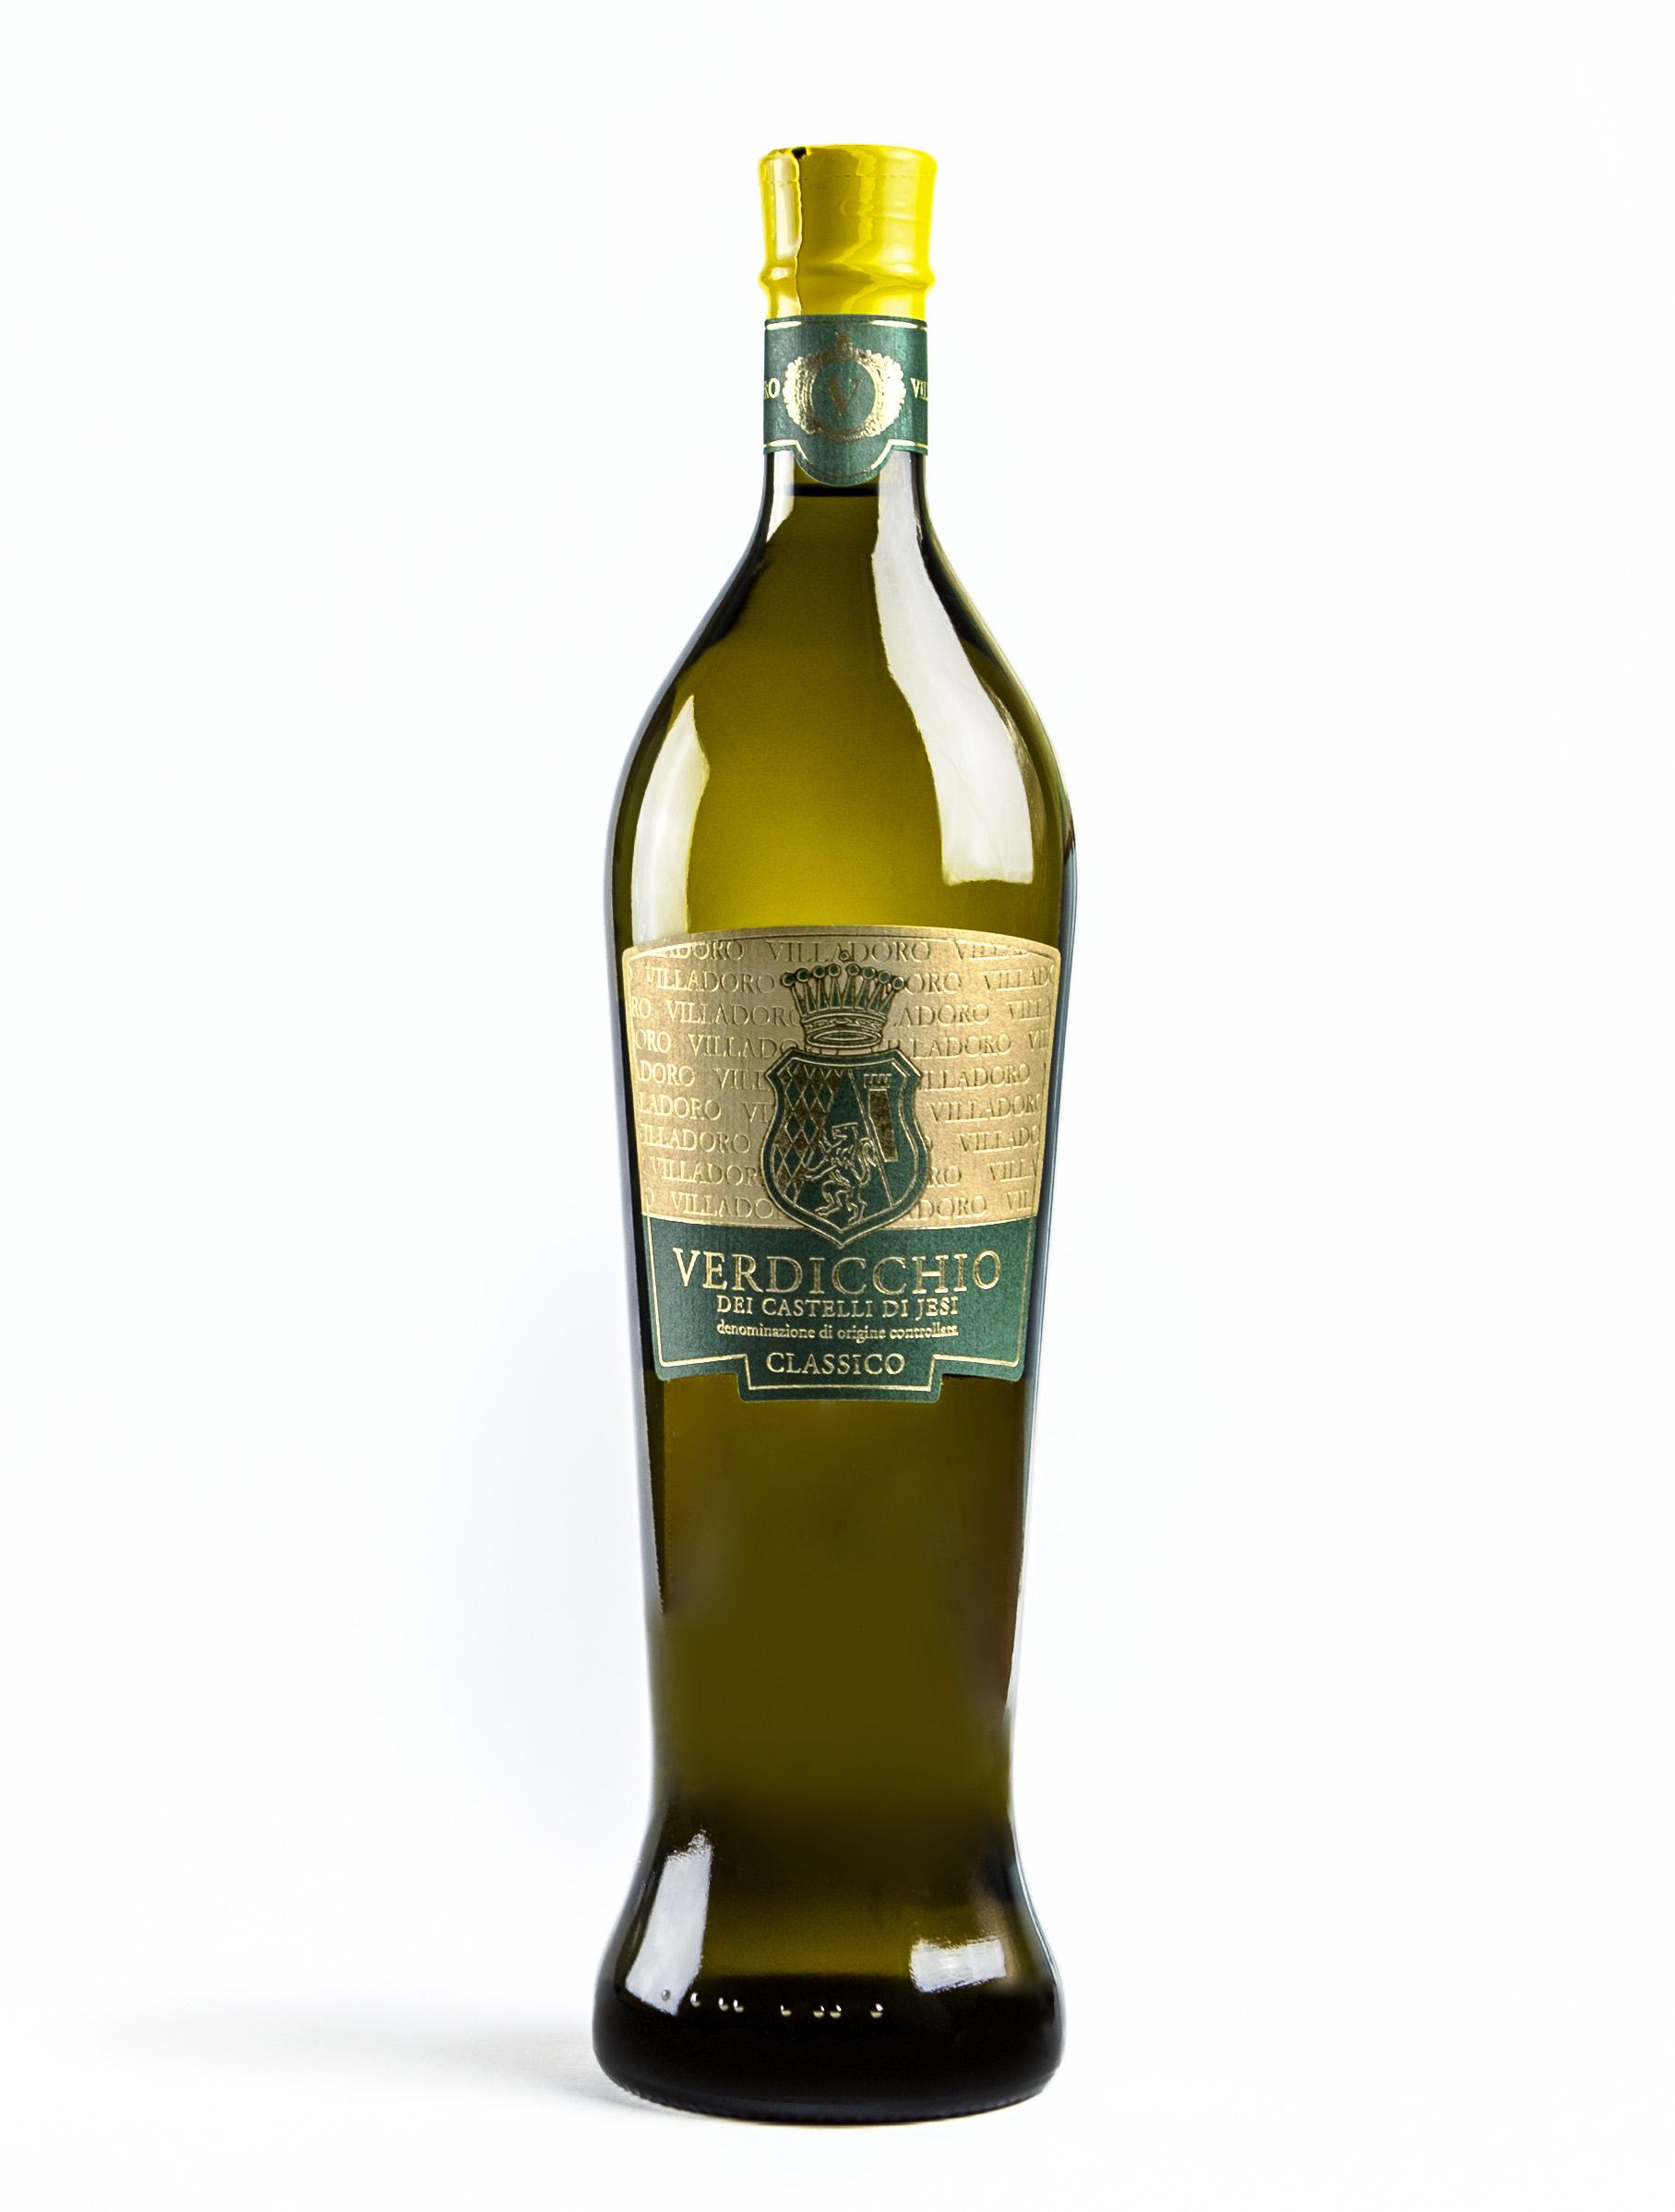 VILLADORO Verdicchio vino bianco